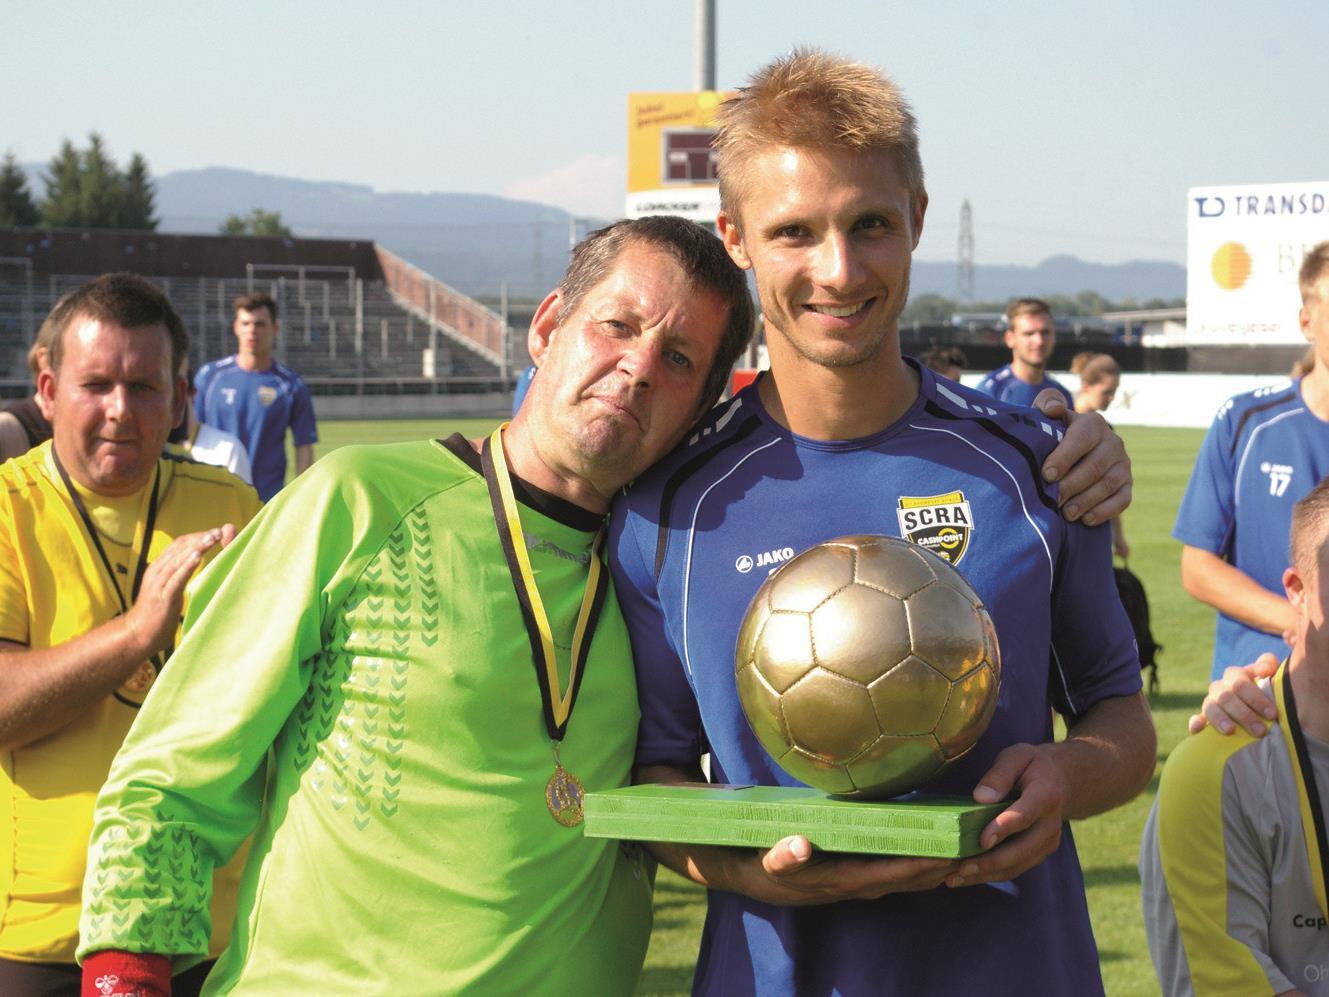 Beim Unified-Turnier spielen Menschen mit und ohne Behinderungen gemeinsam Fußball.